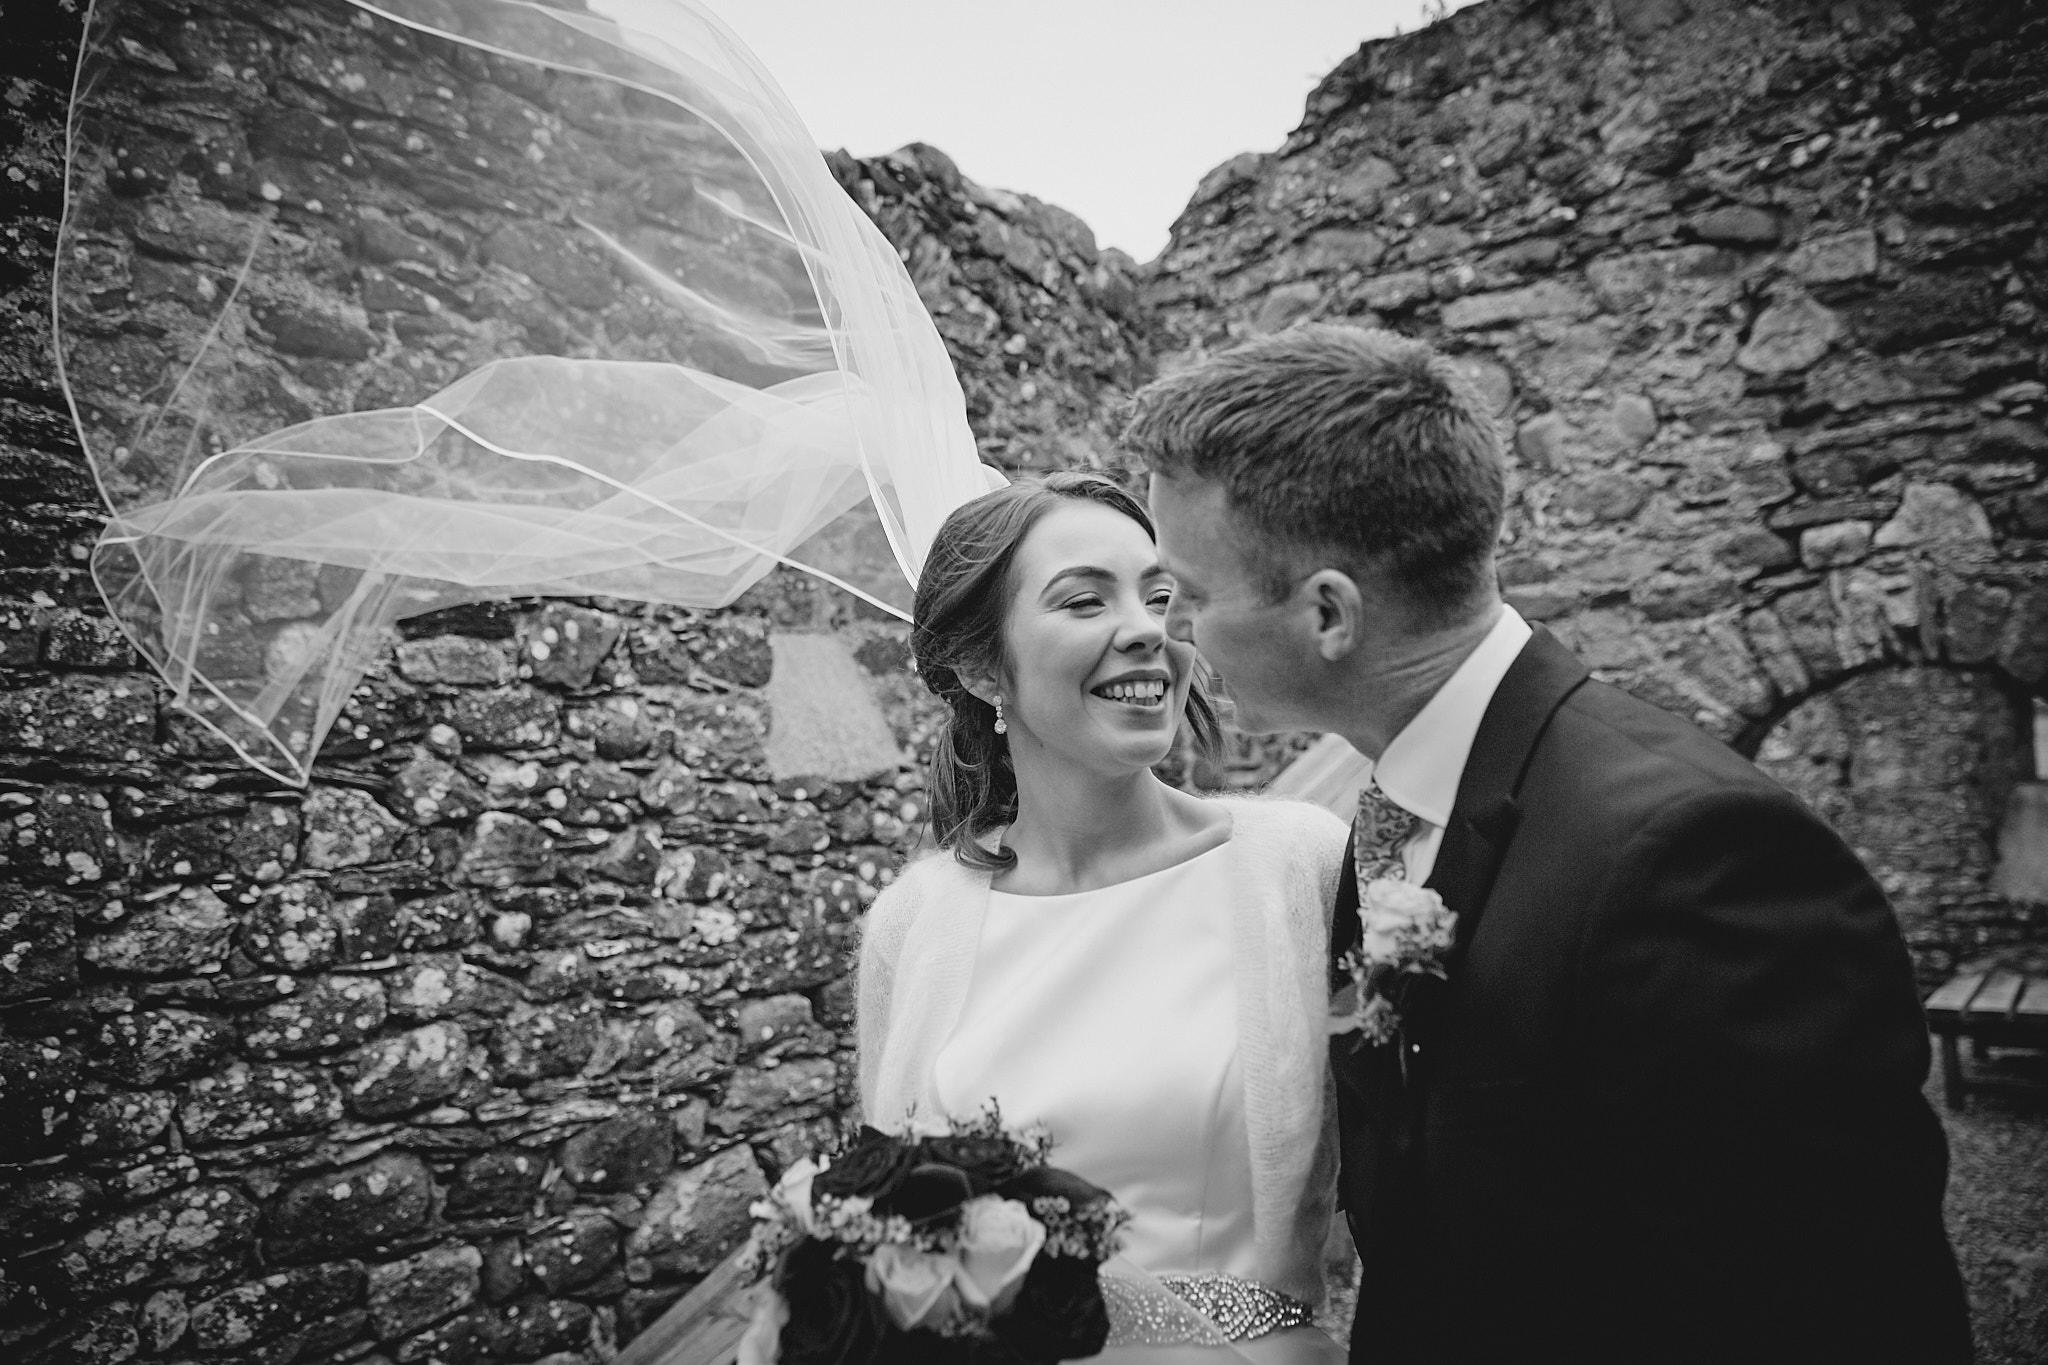 bruidsfotografie-bruifdsfotograaf-ierland-dublin-destination-trouwshoot_53.jpg